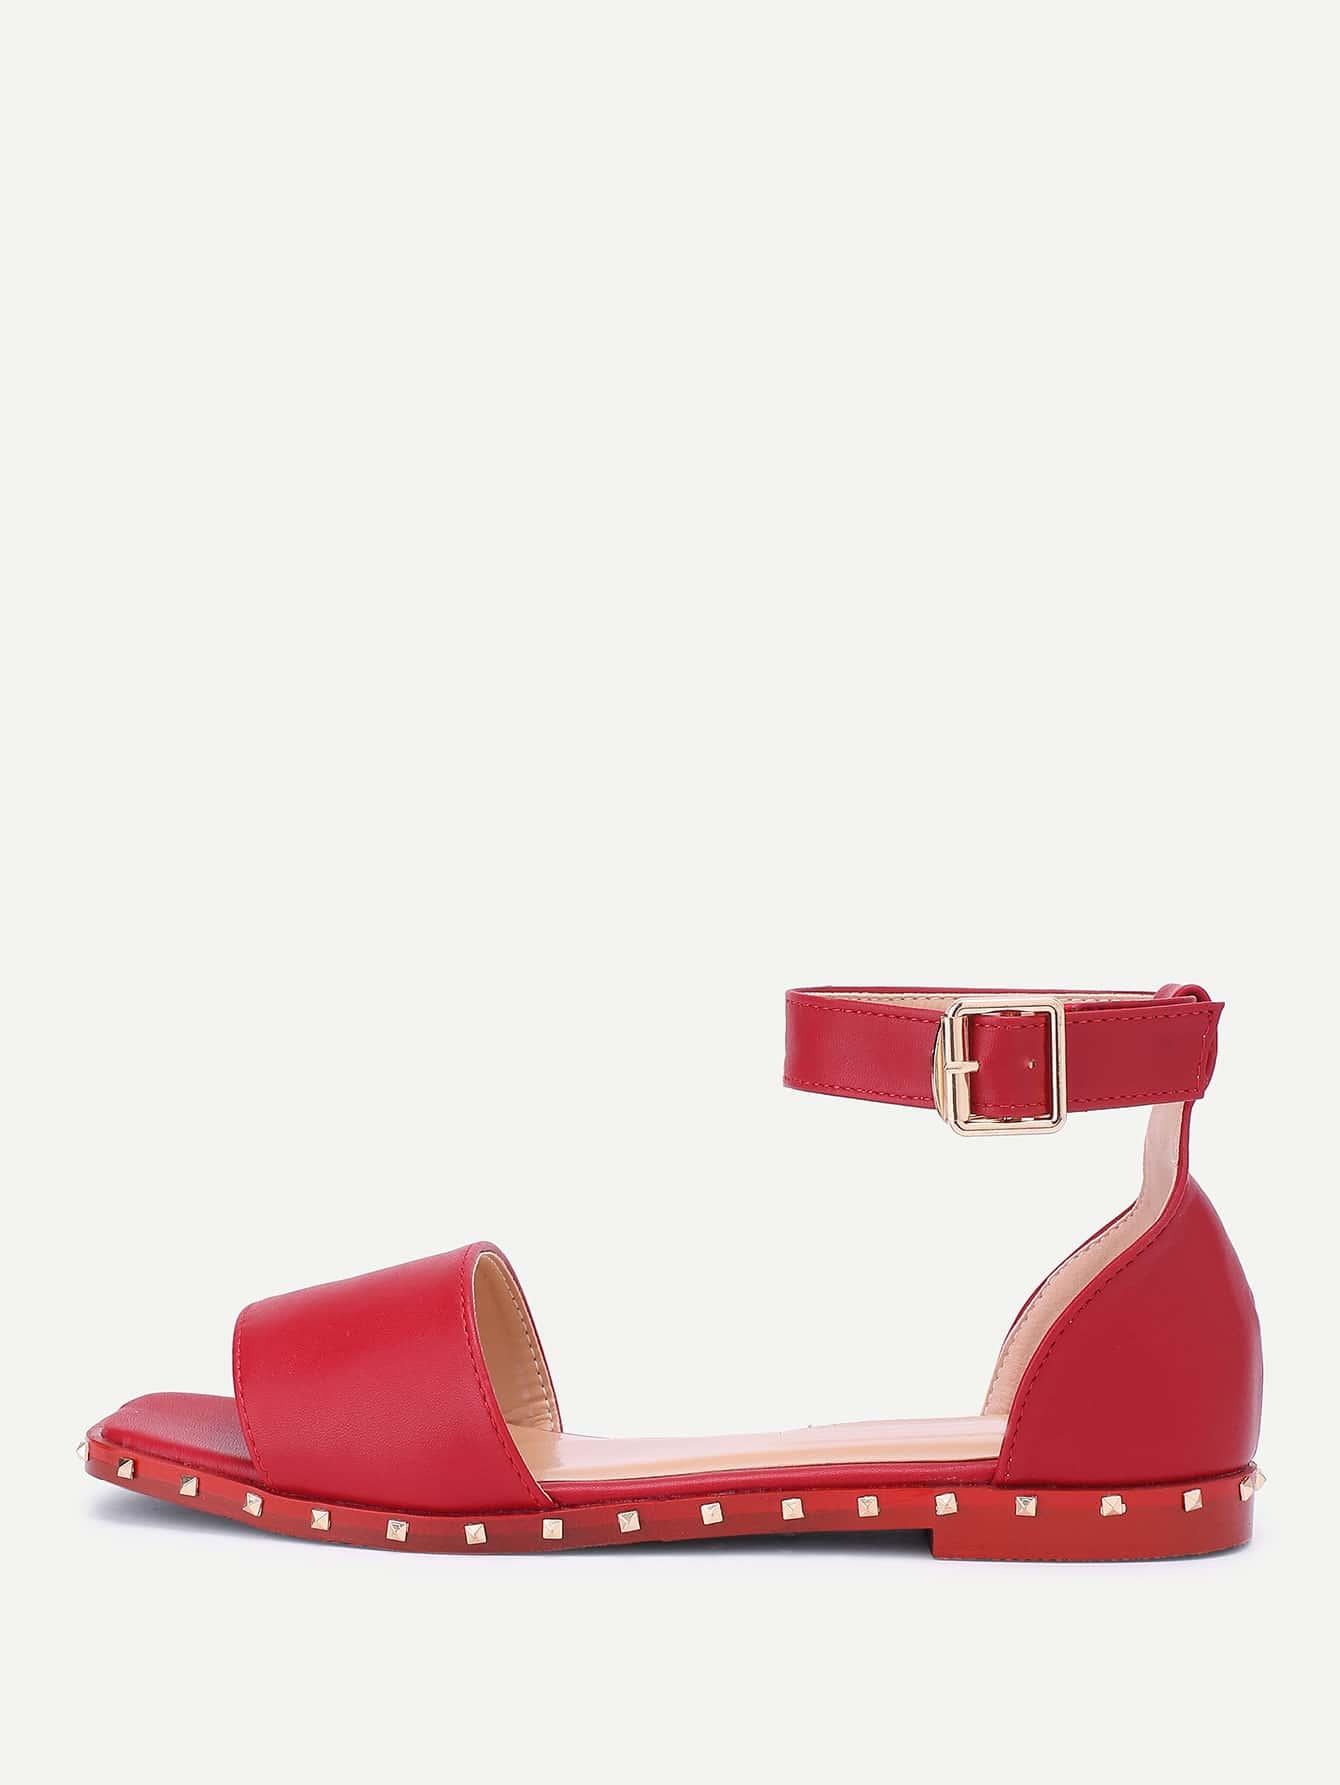 shoes170419809_2